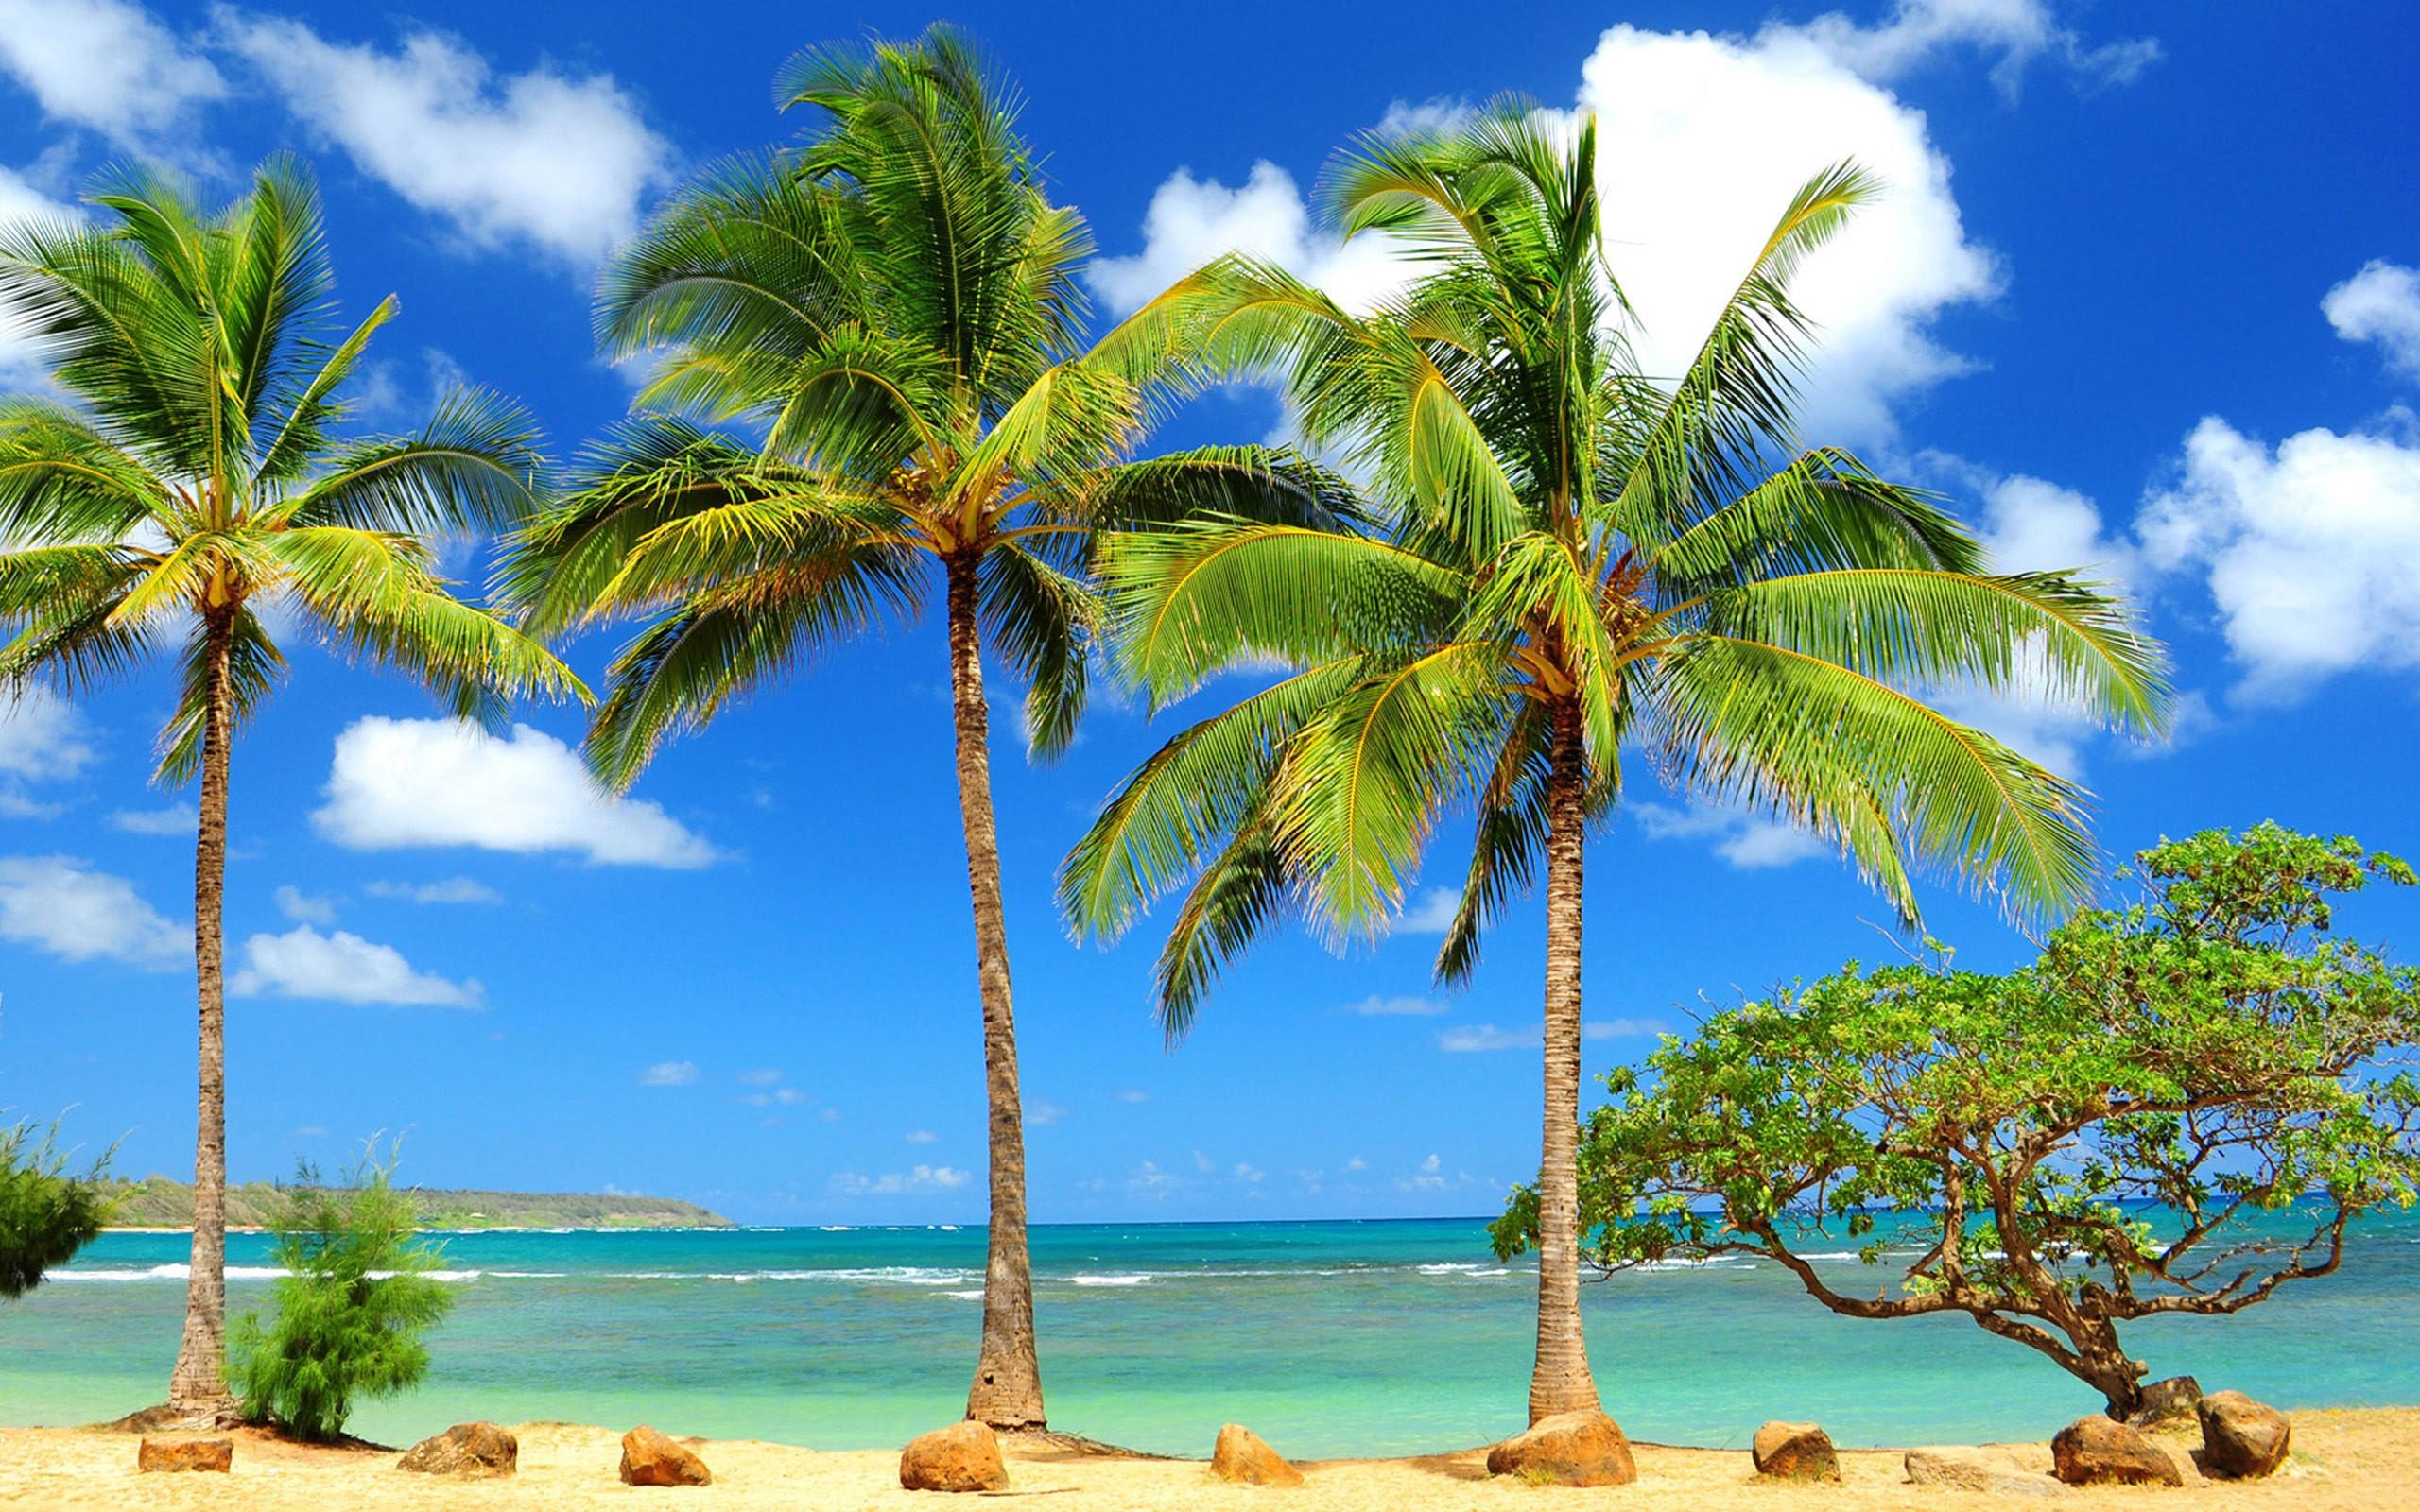 Palm Tree Window HD Wallpapers Palm Tree Window Desktop Wallpapers 2560x1600